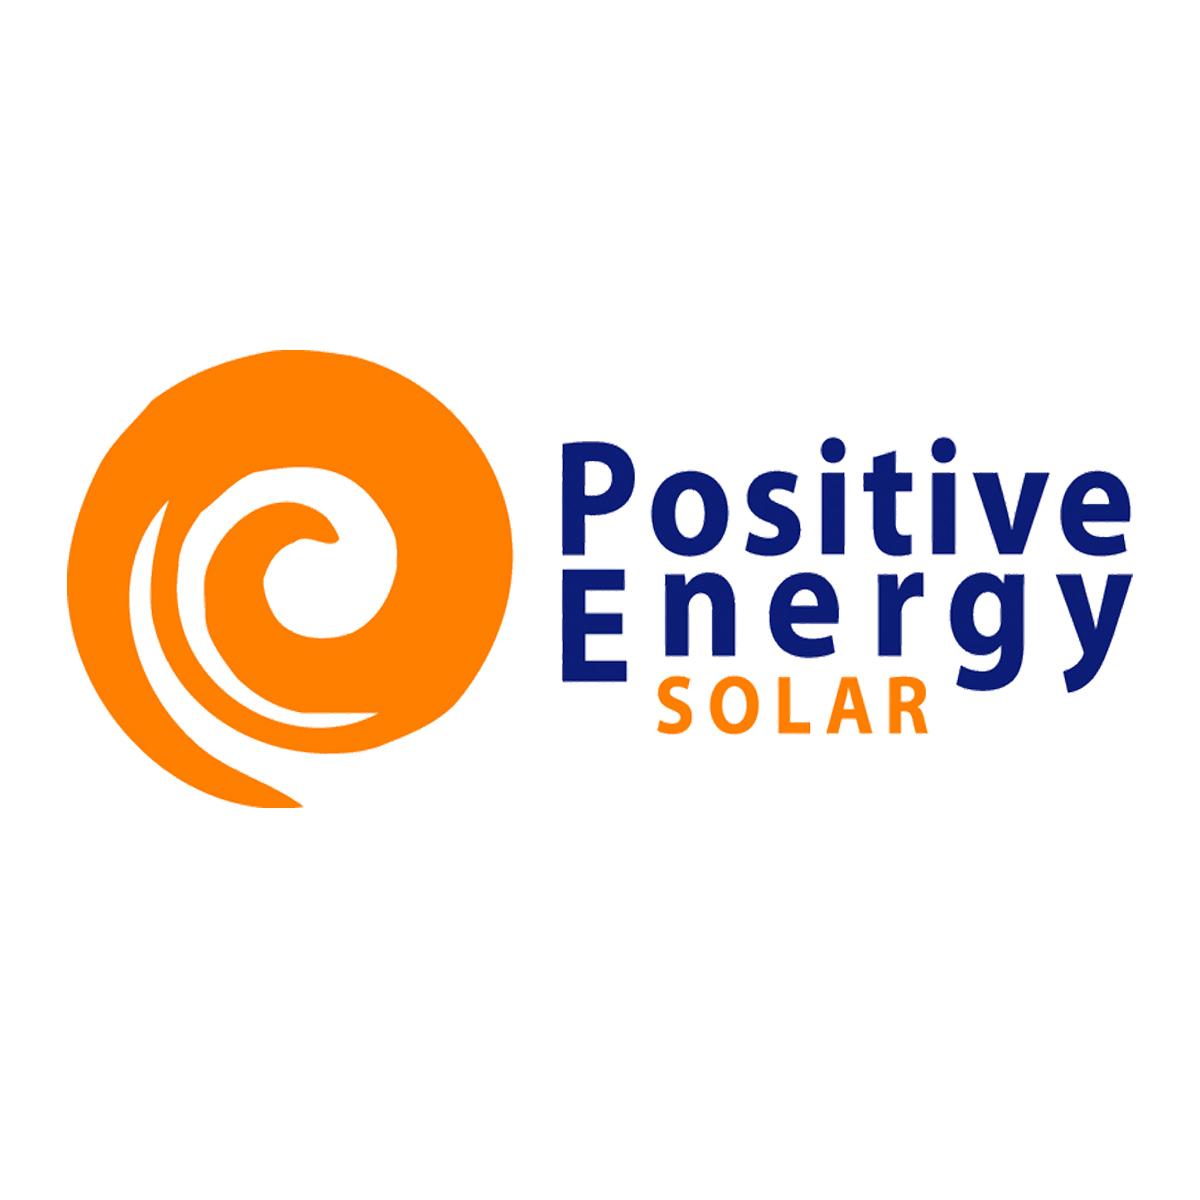 Positive_Energy_1x1.jpg